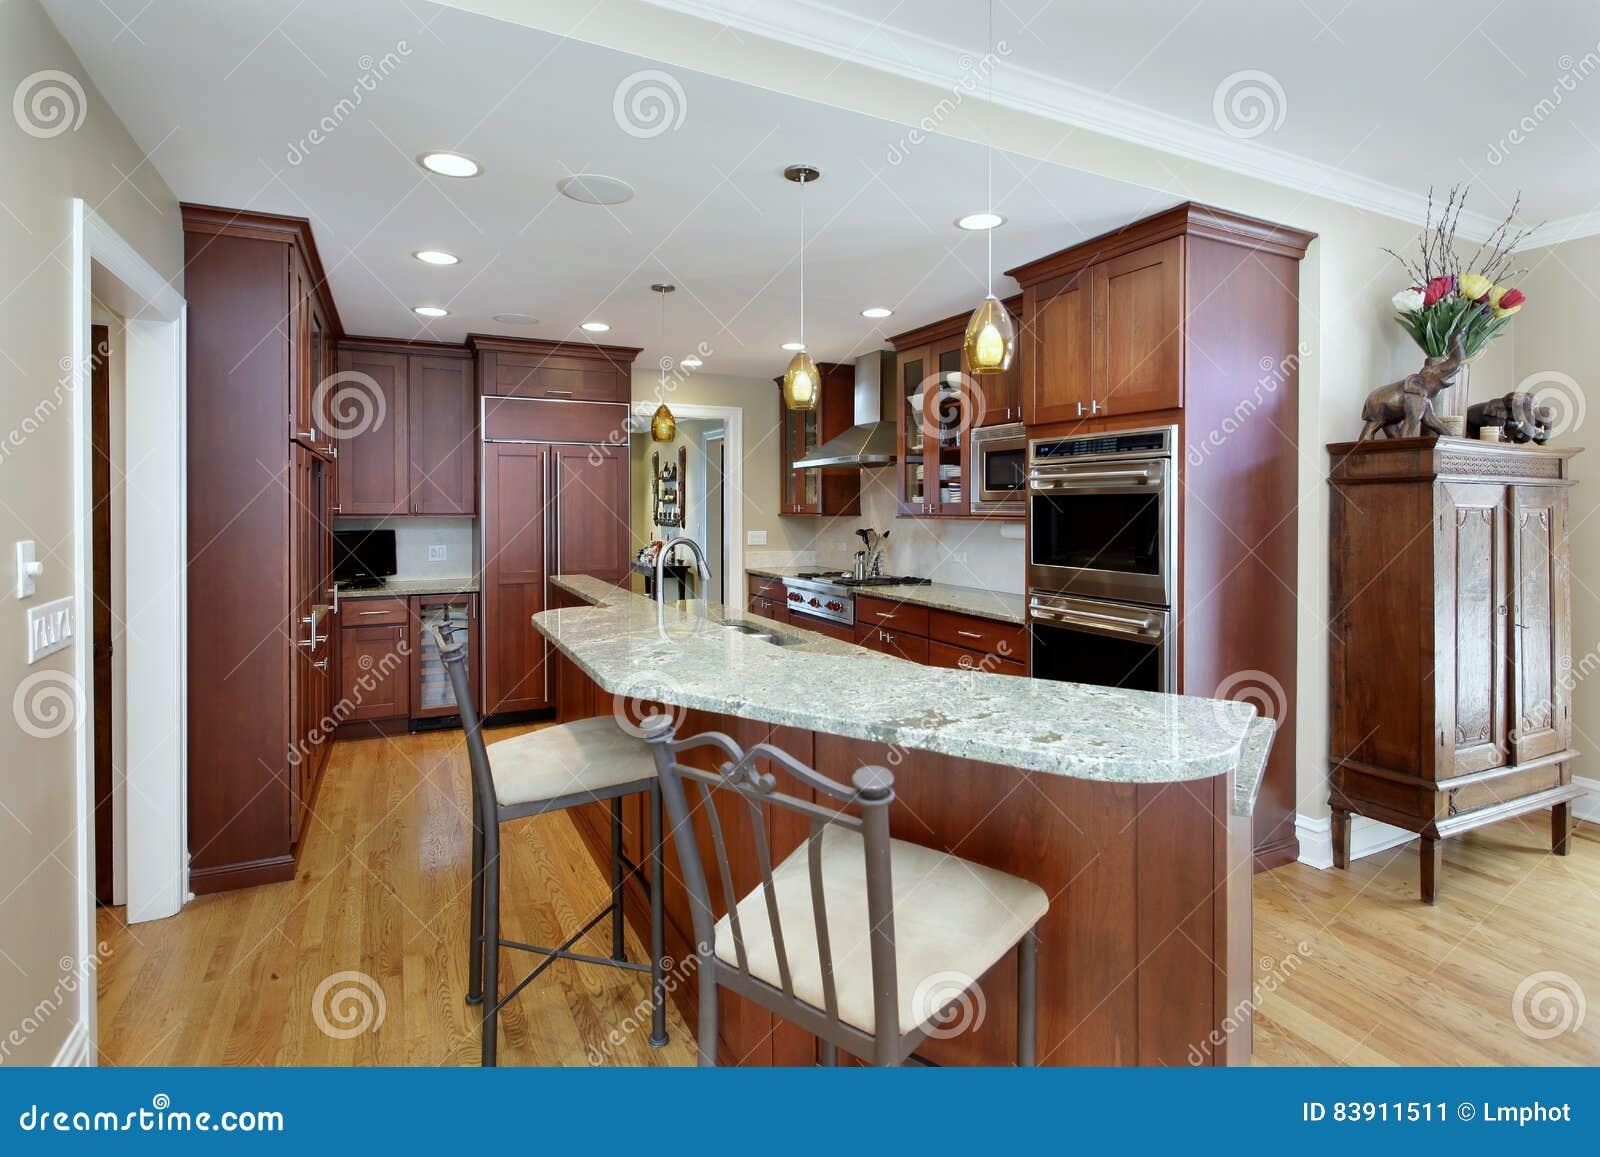 Cozinha moderna com ilha do ônibus de dois andares